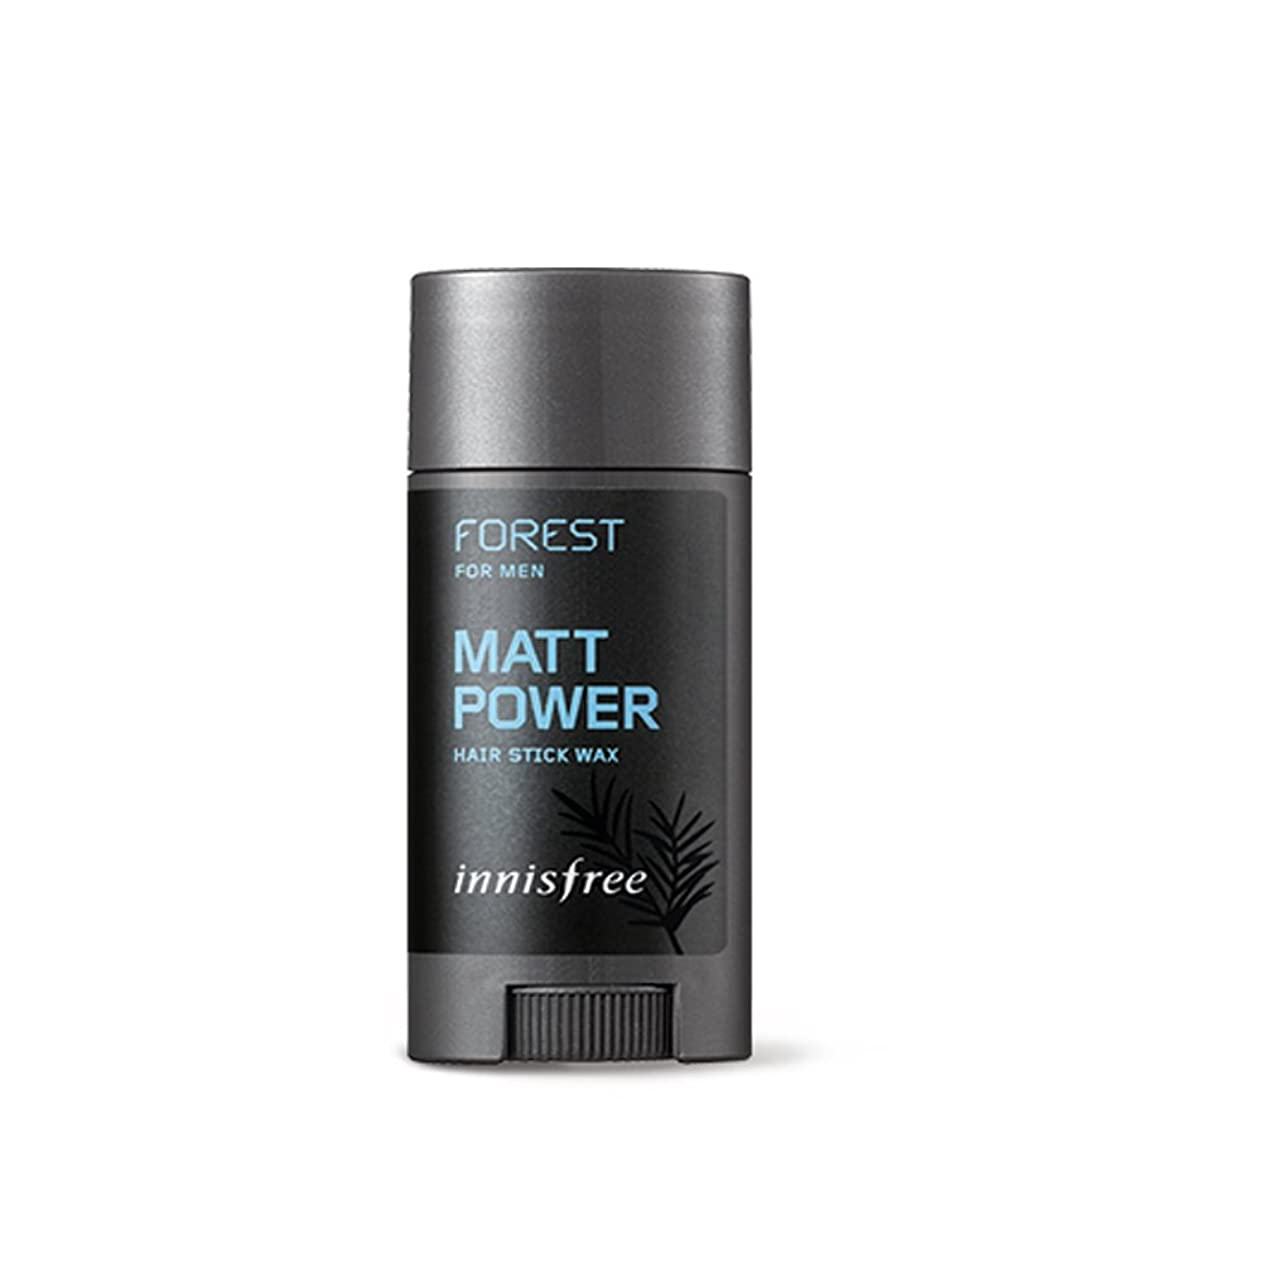 辞任ホット援助イニスフリーフォレストメンズヘアスティックワックス、マットパワー15g / Innisfree Forest for Men Hair Stick Wax, Matt Power 15g [並行輸入品][海外直送品]